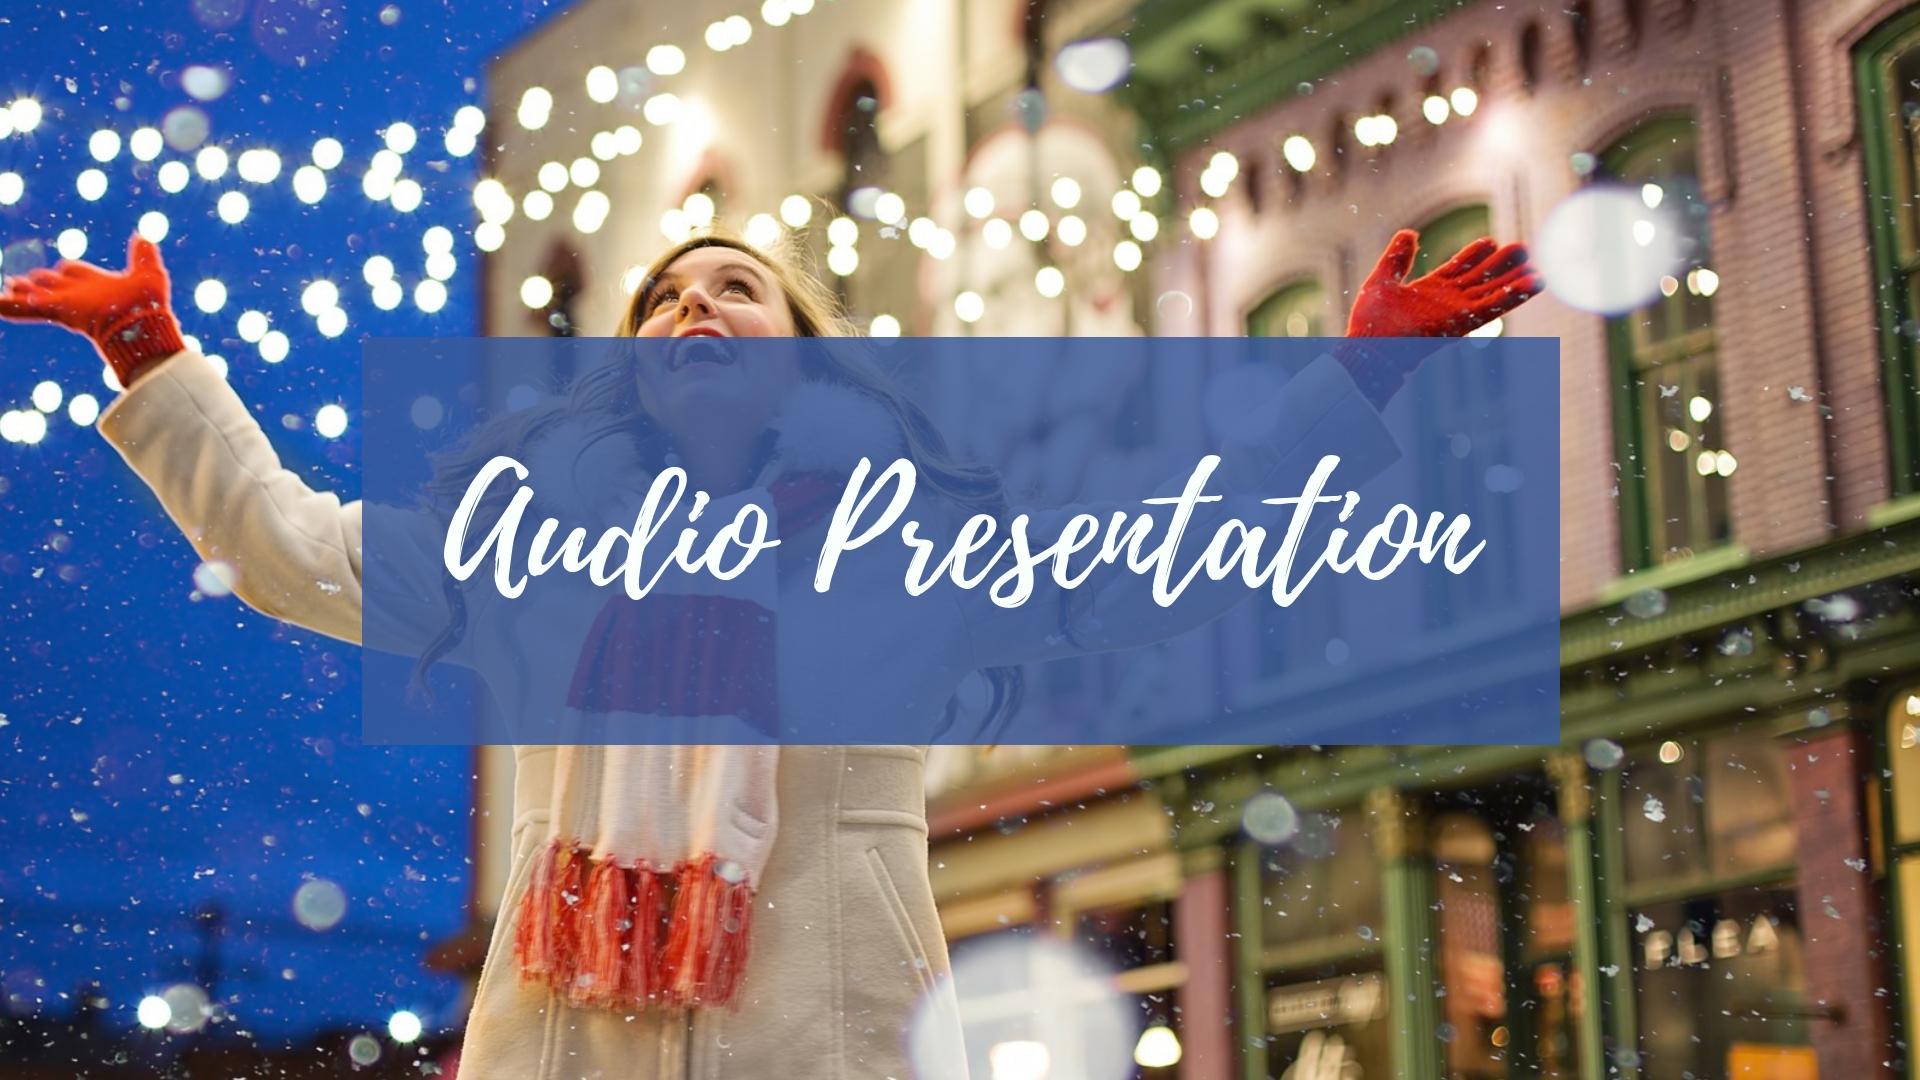 LWS Christmas Bible Study Audio.jpg